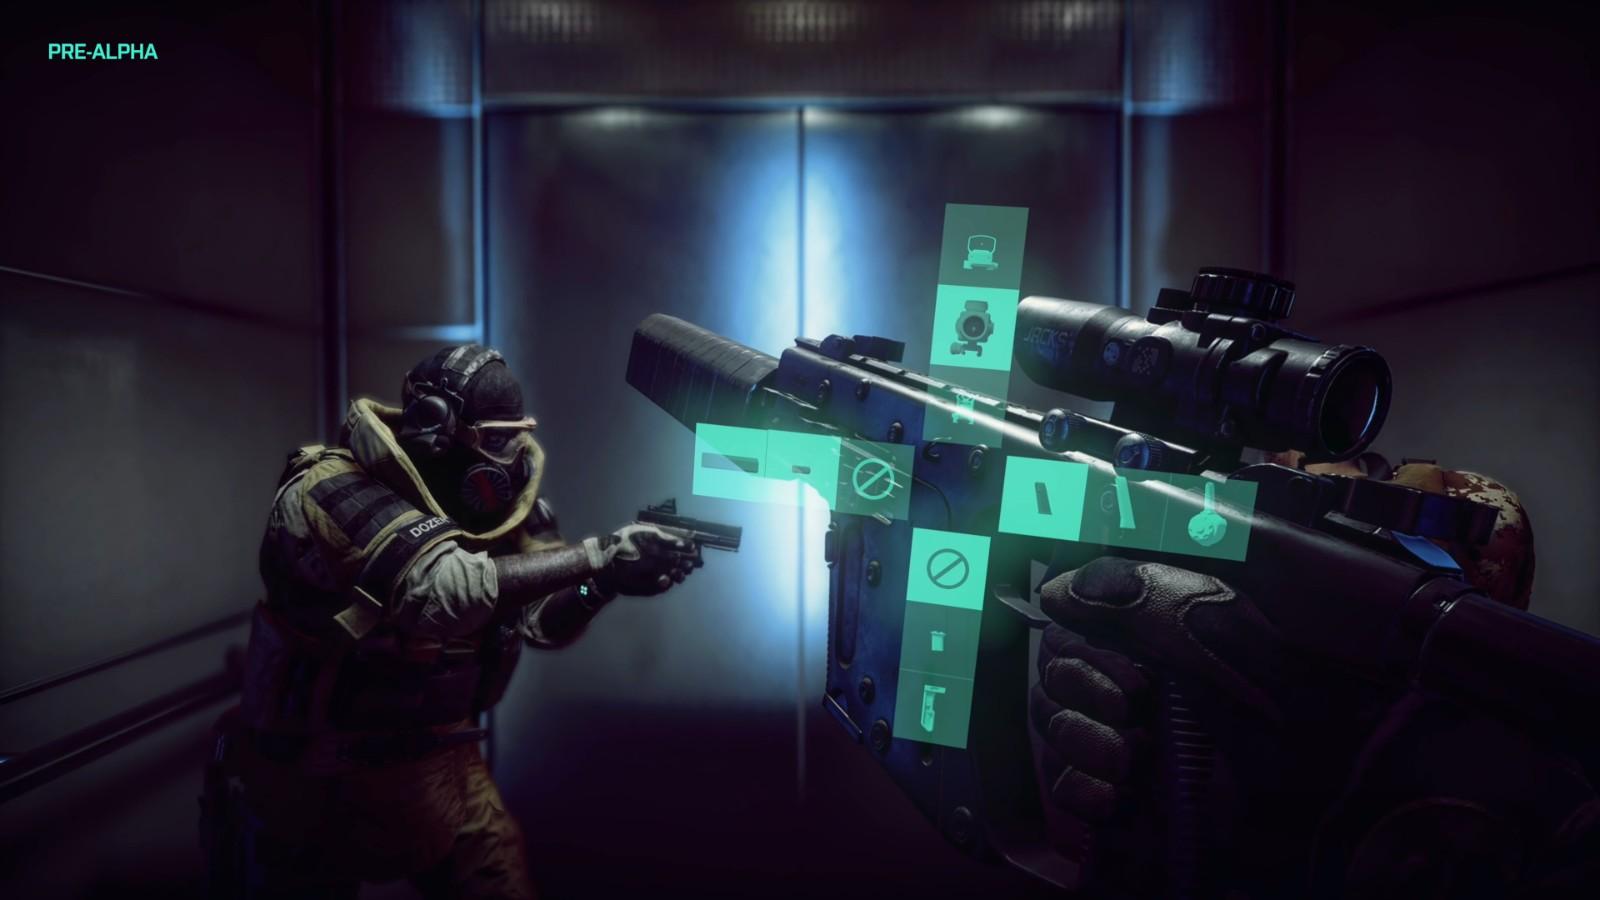 《战地2042》Plus系统将允许玩家随时更换枪械组件